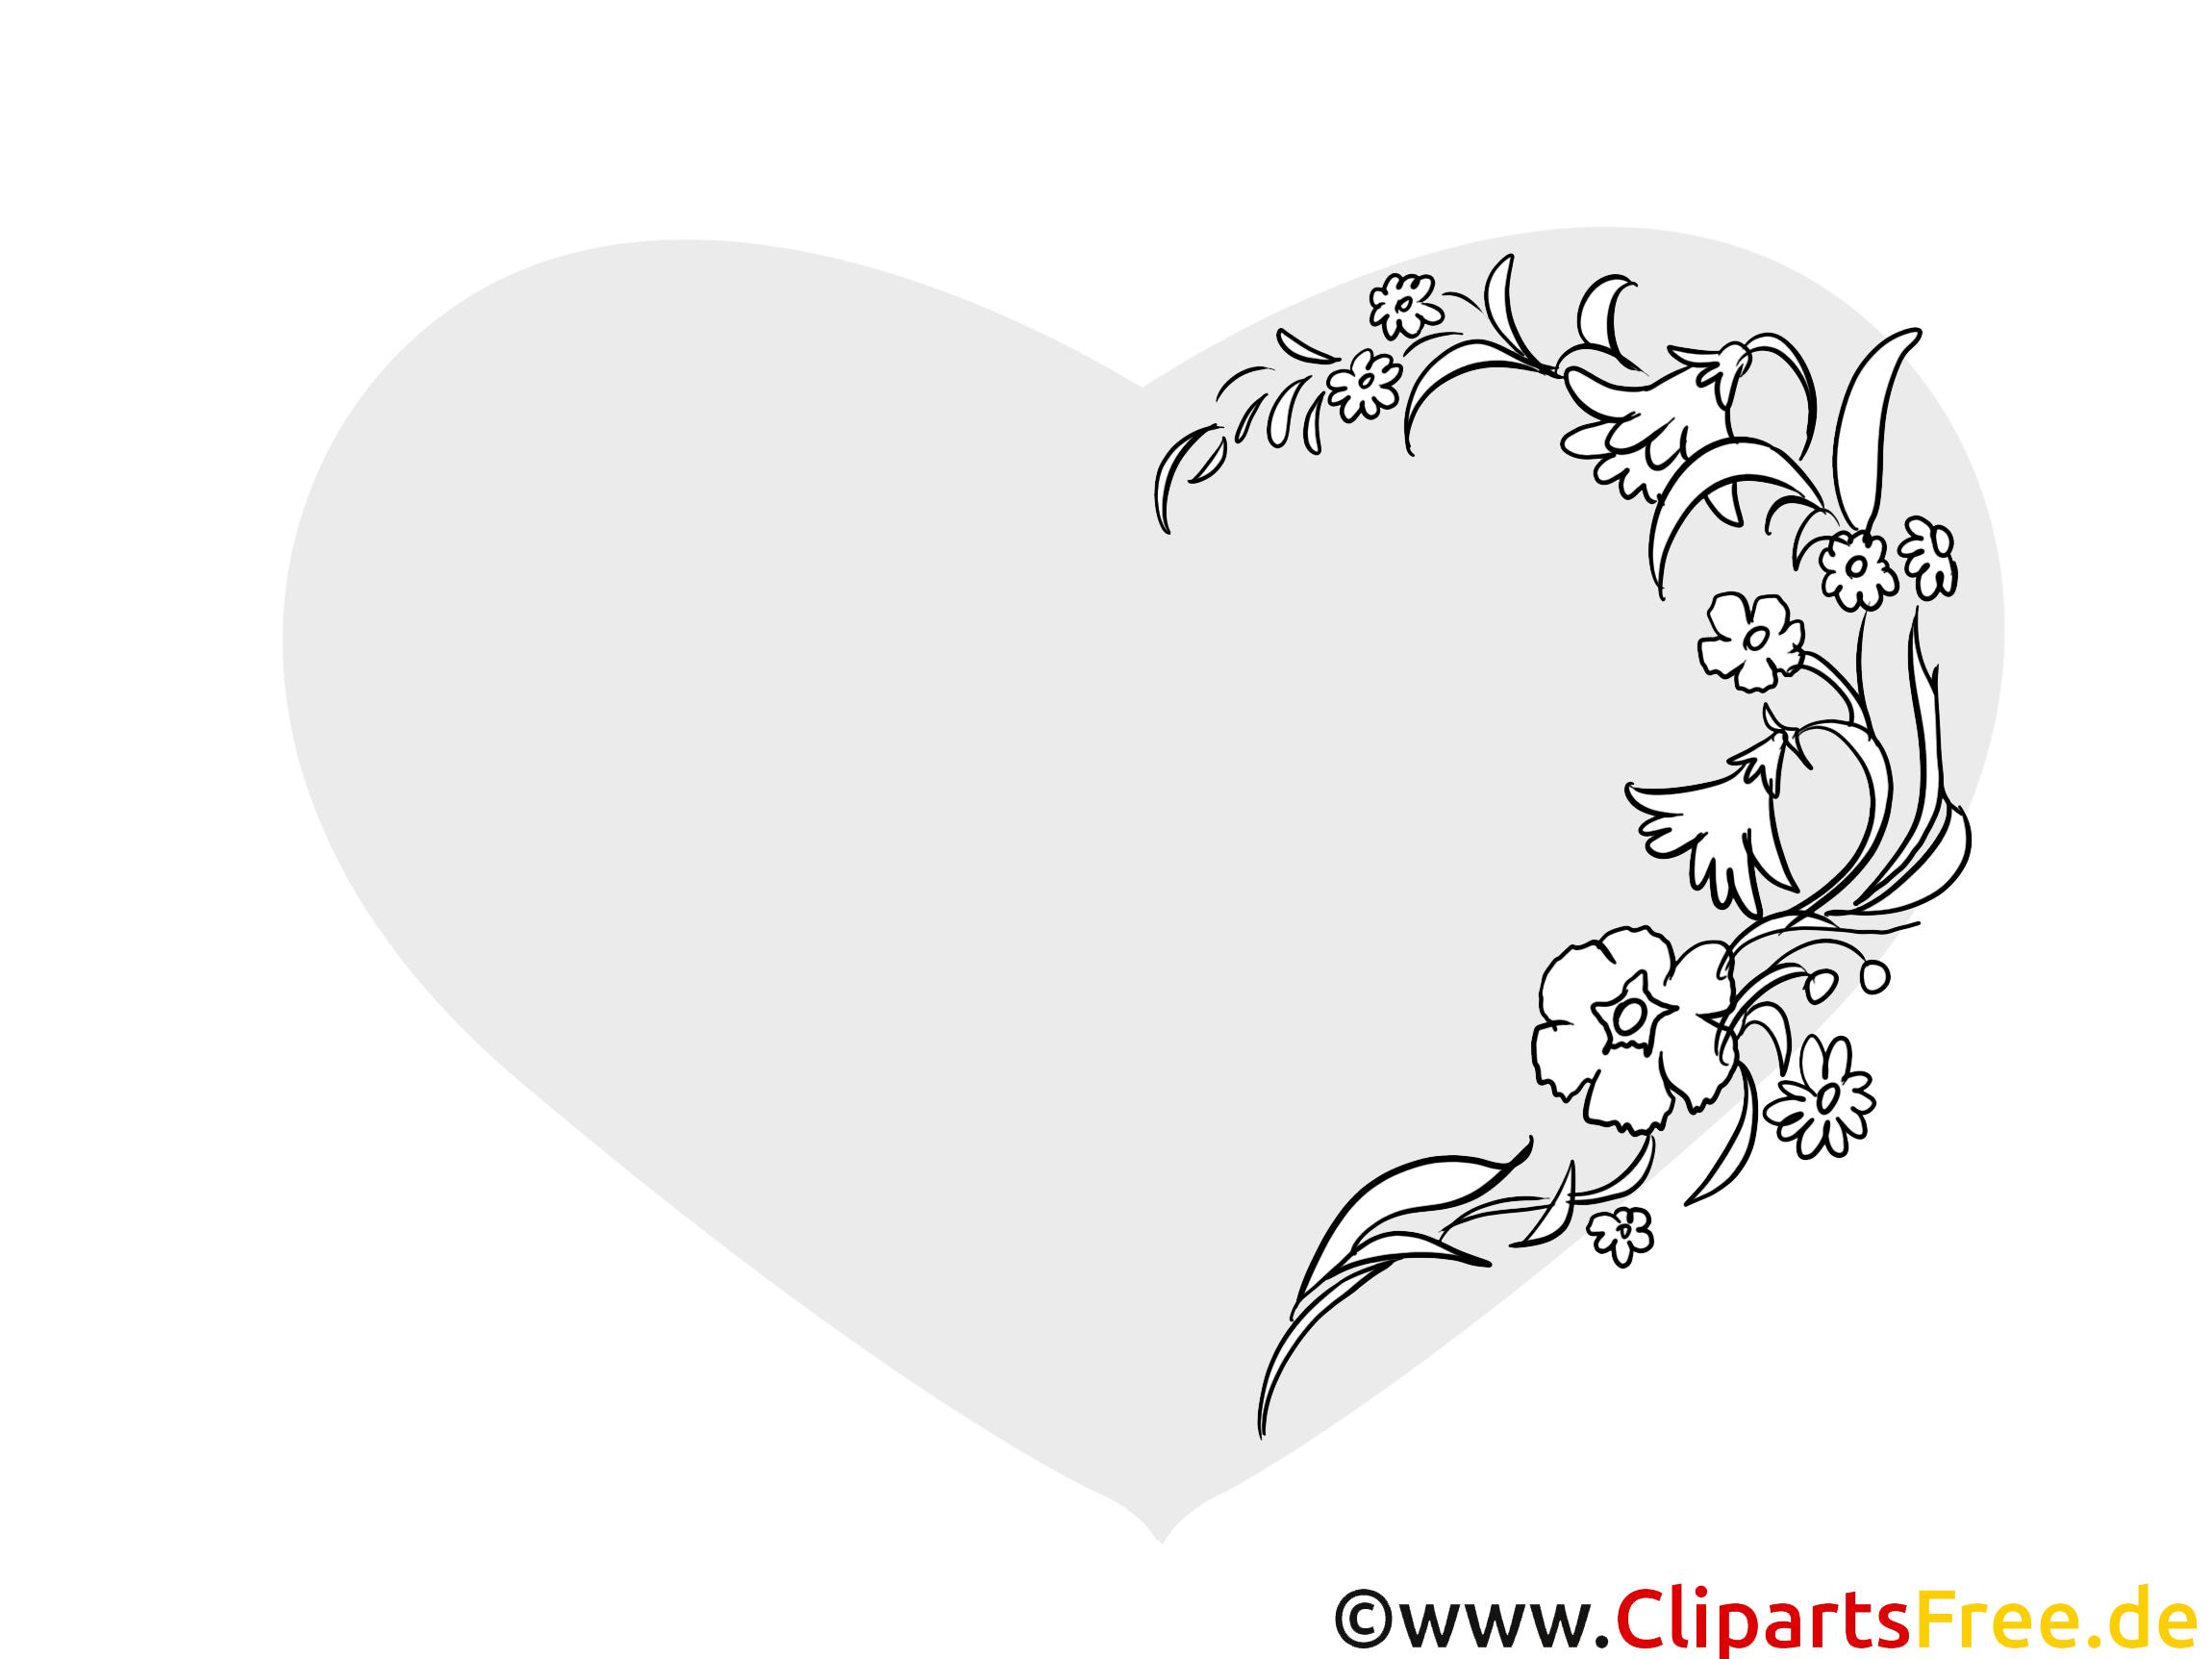 Blumenranke Bluten Filigran Schnorkel Bilder Zum Ausmalen Und Ausdrucke Blumenmalvorlagen Bilder Zum Ausmalen Blumenranken